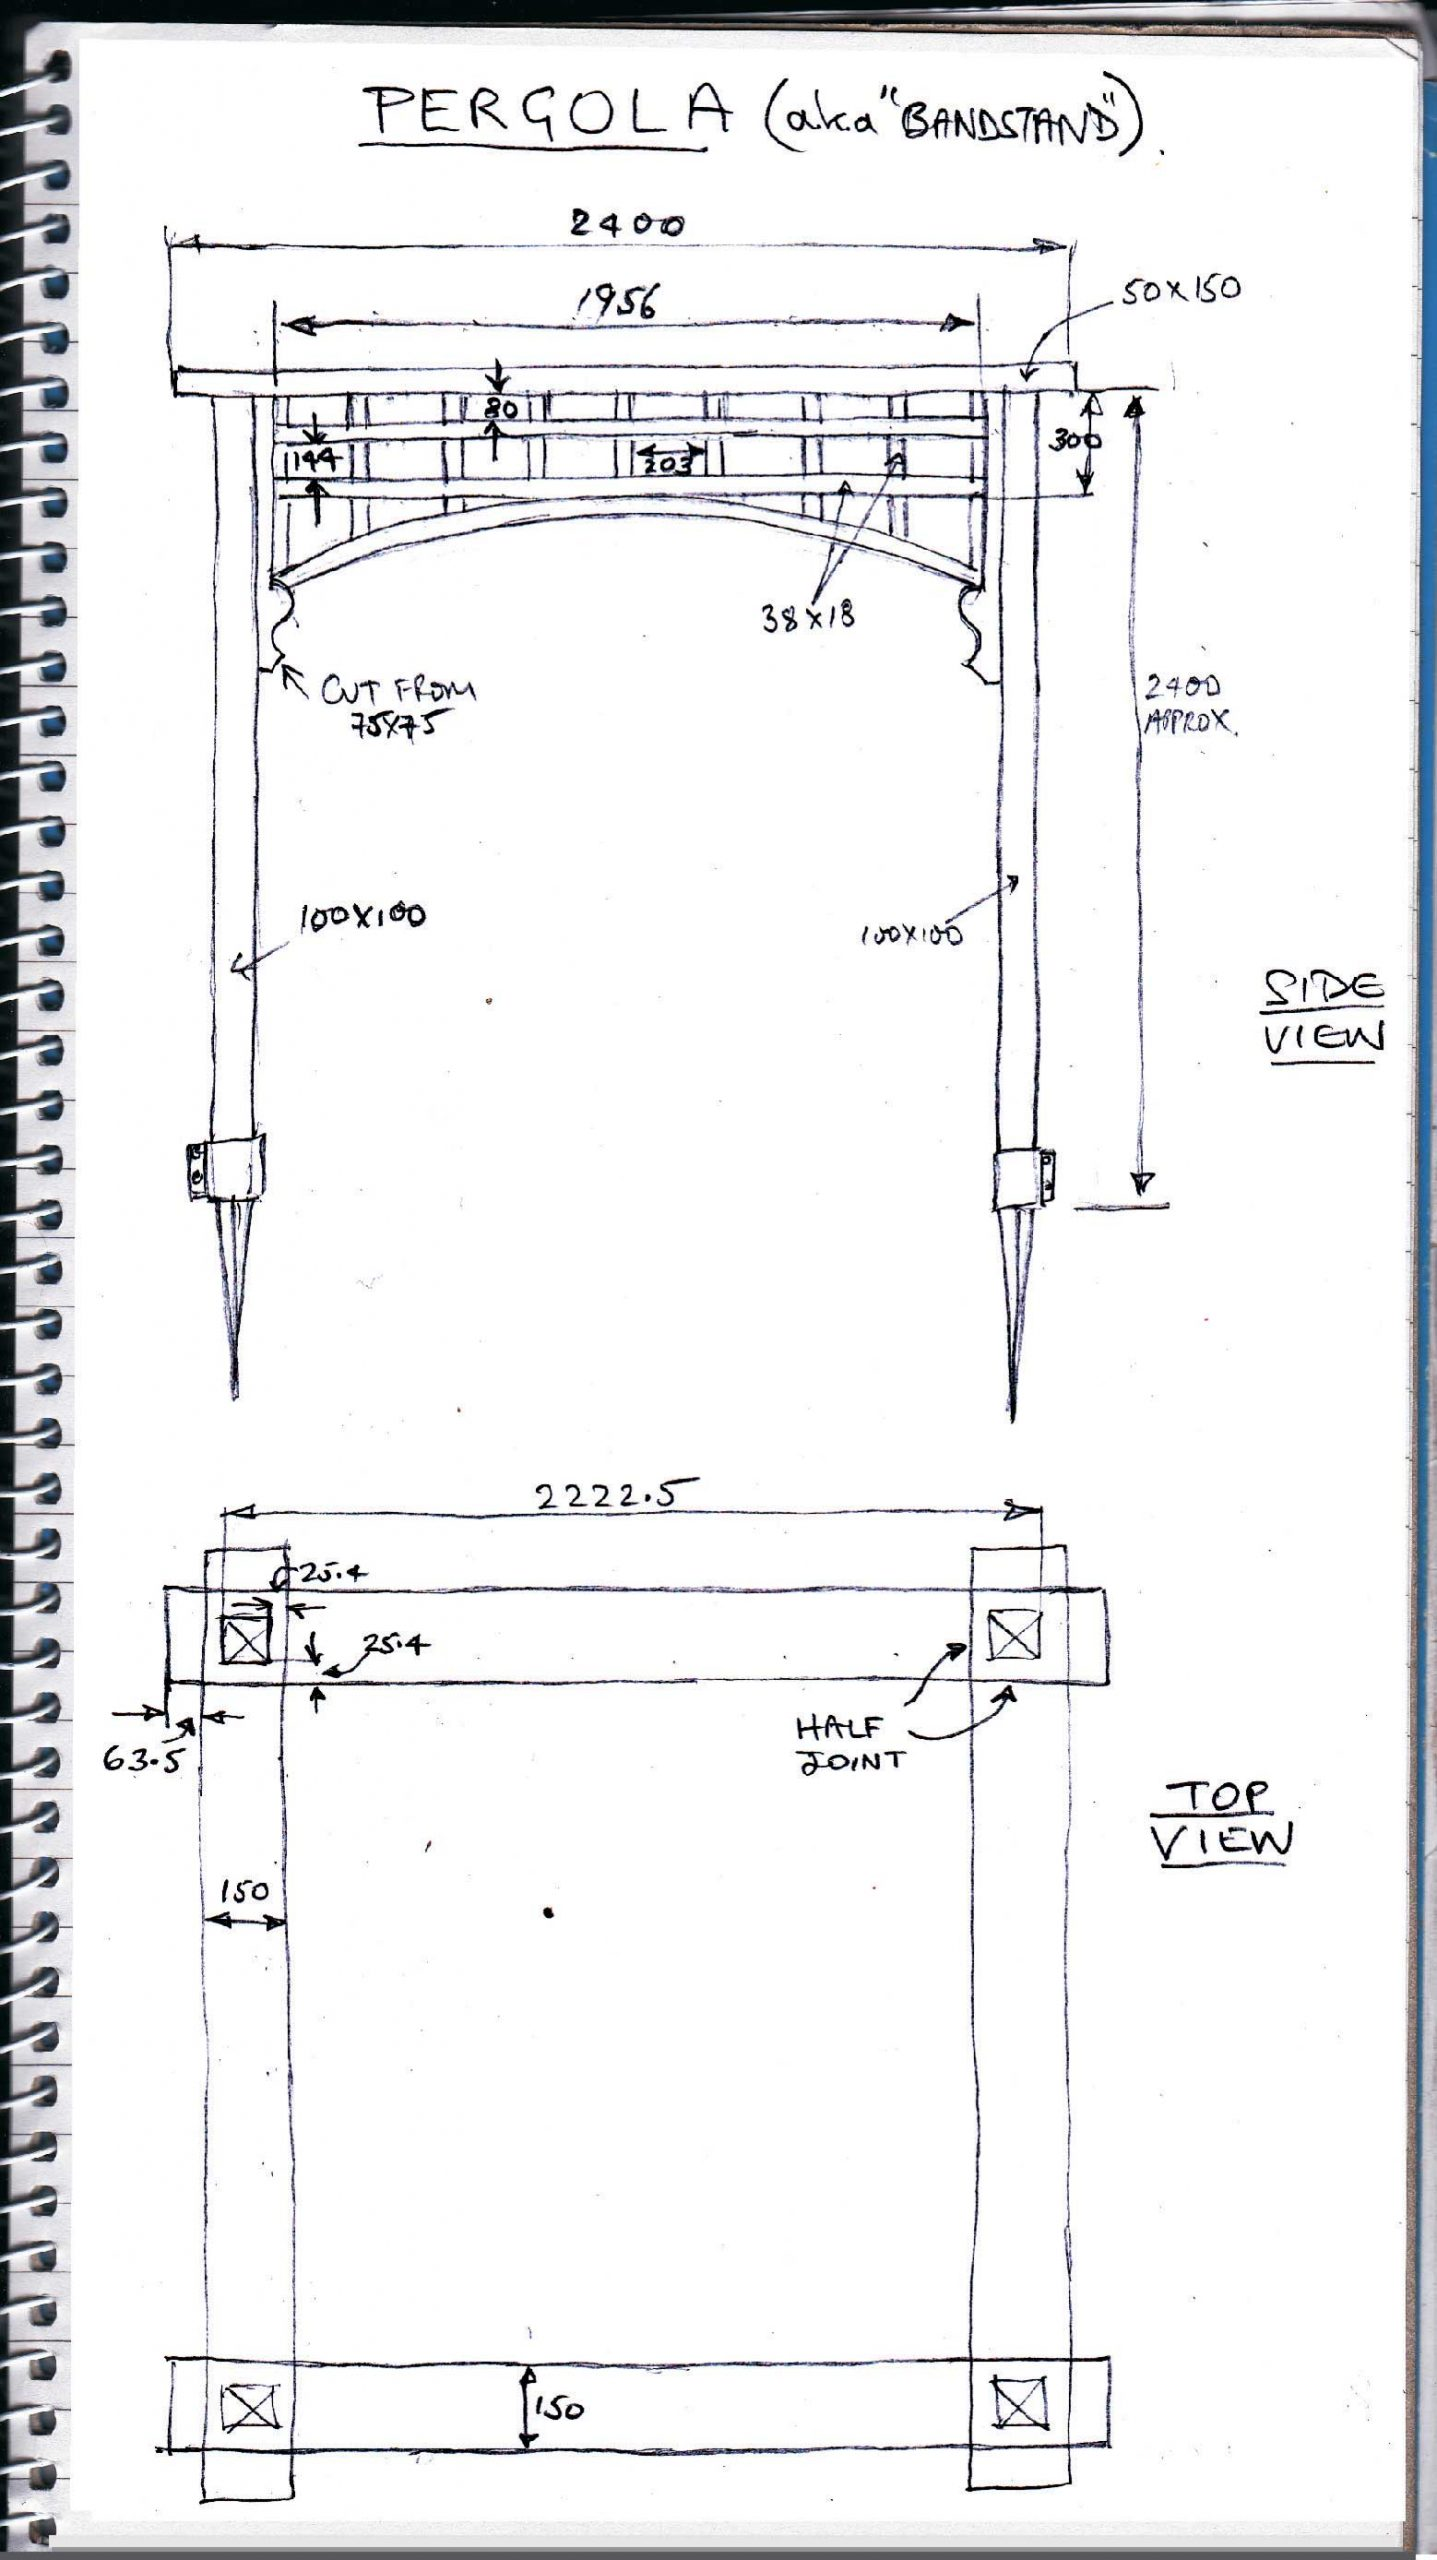 Sketch plan for a pergola